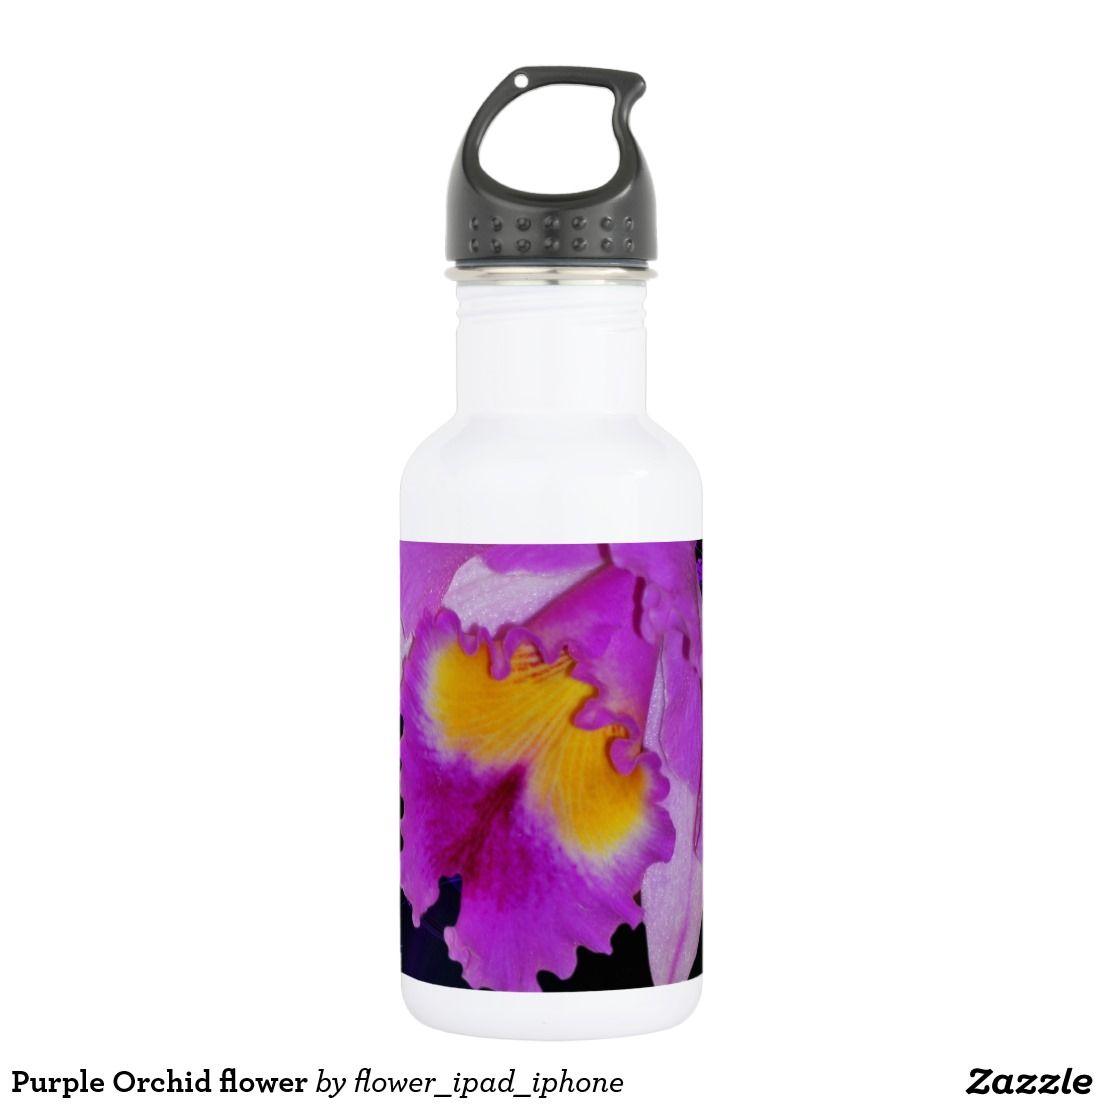 Purple Orchid Flower Water Bottle Zazzle Com Purple Orchids Orchid Flower Pink Rose